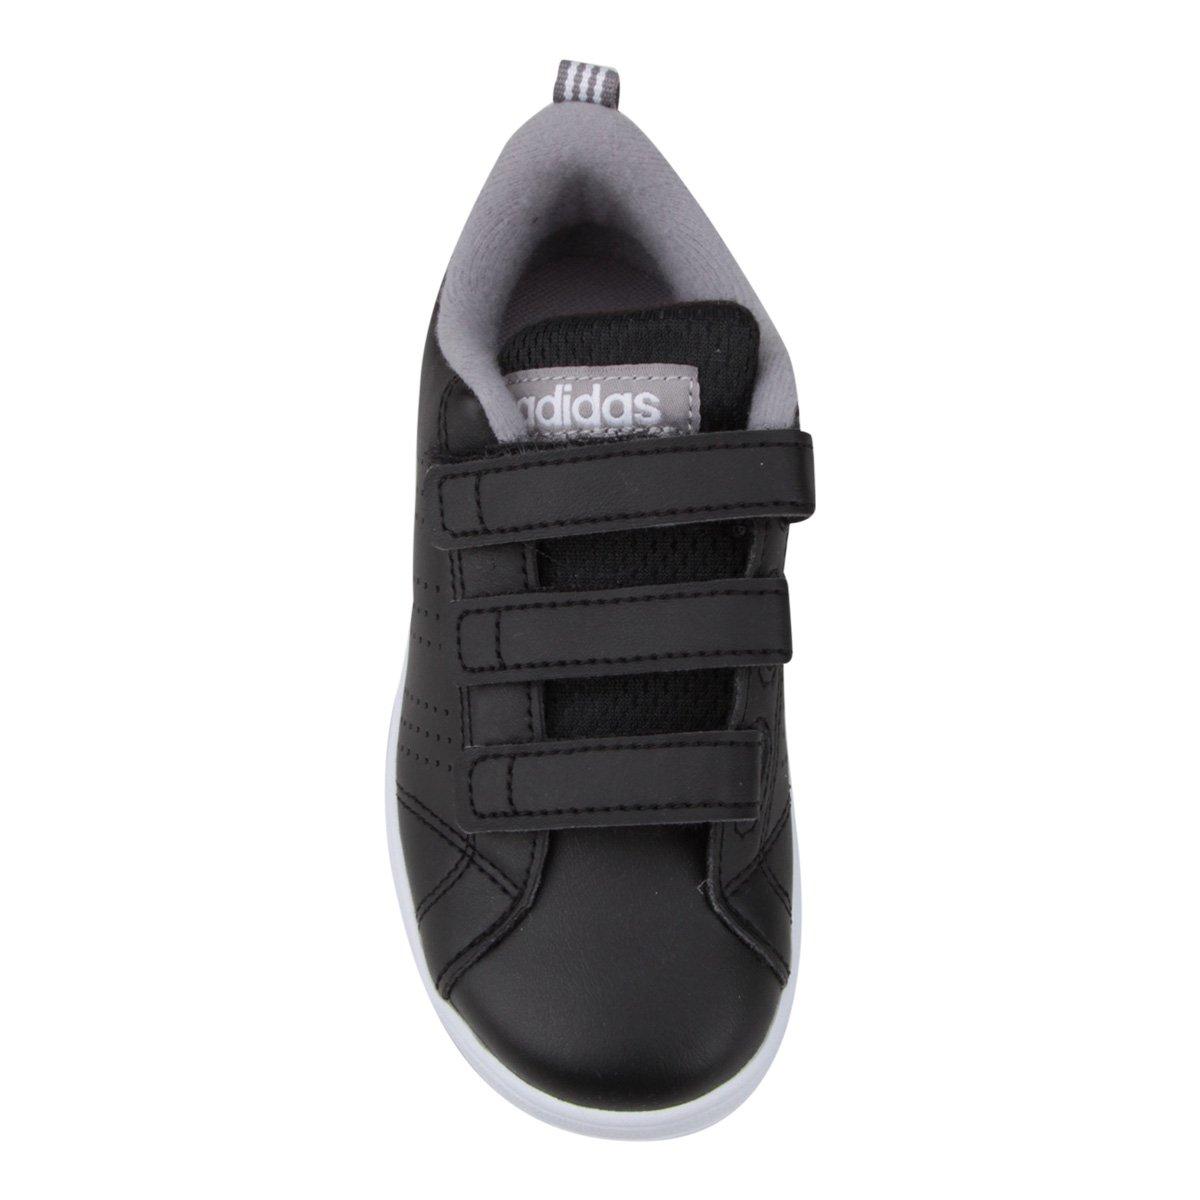 e5e60fdf74 Tênis Infantil Adidas Vs Advantage Clean C - Preto - Compre Agora ...